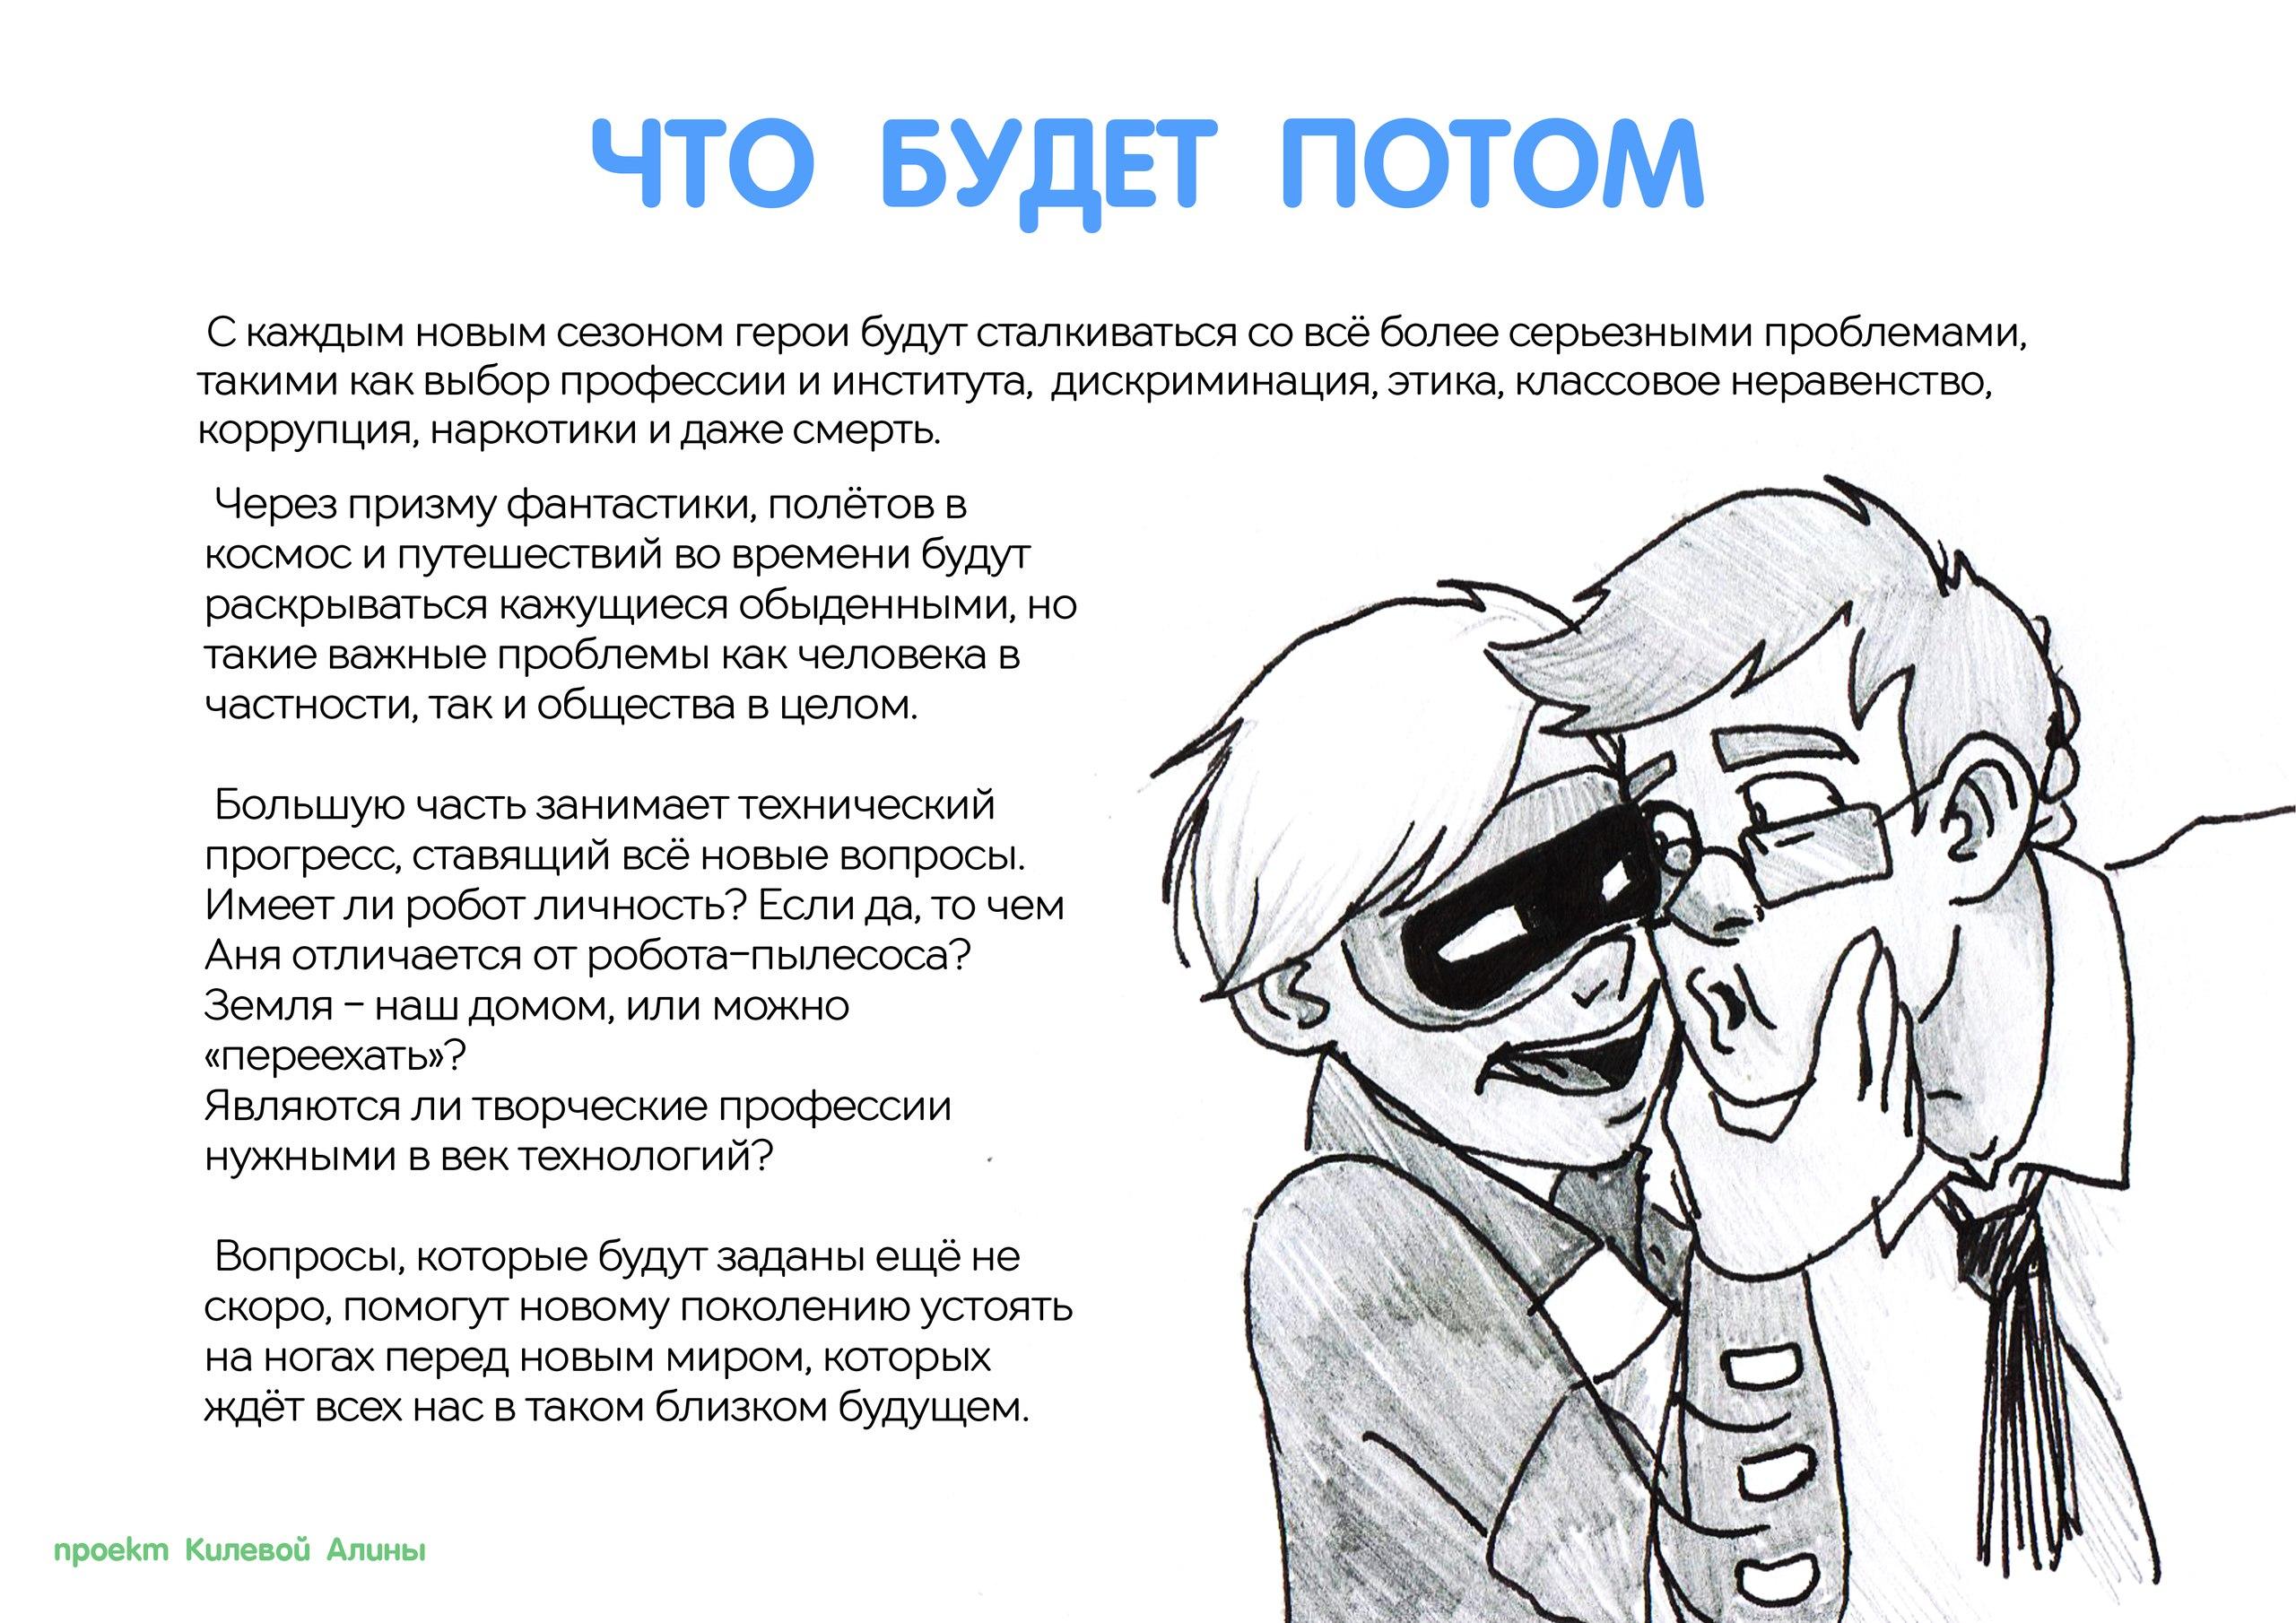 https://pp.userapi.com/c623900/v623900670/3e3b9/v1VN7vQUDcw.jpg